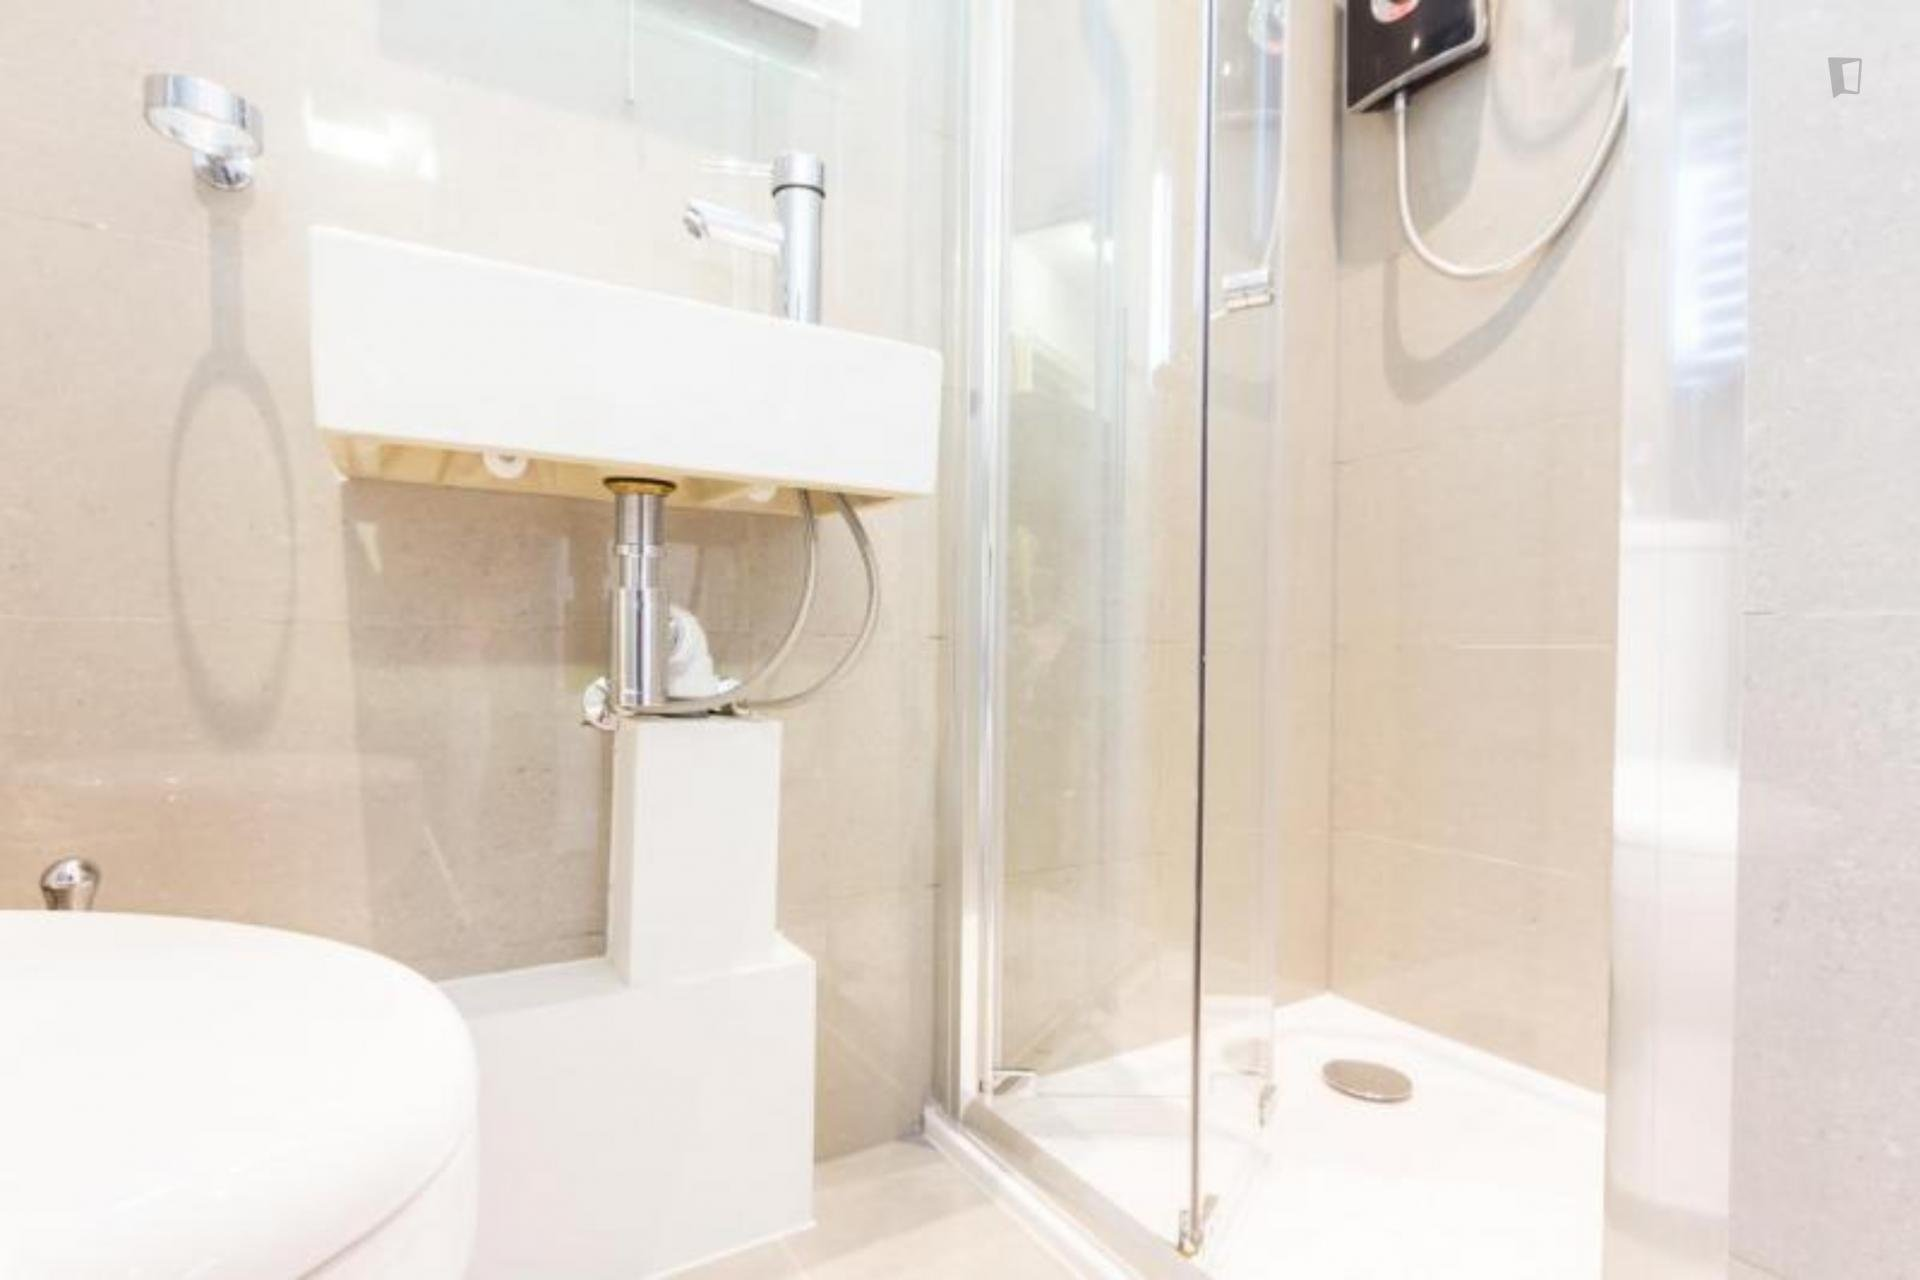 Inverness Elegant Studio Apartment in London- Globexs